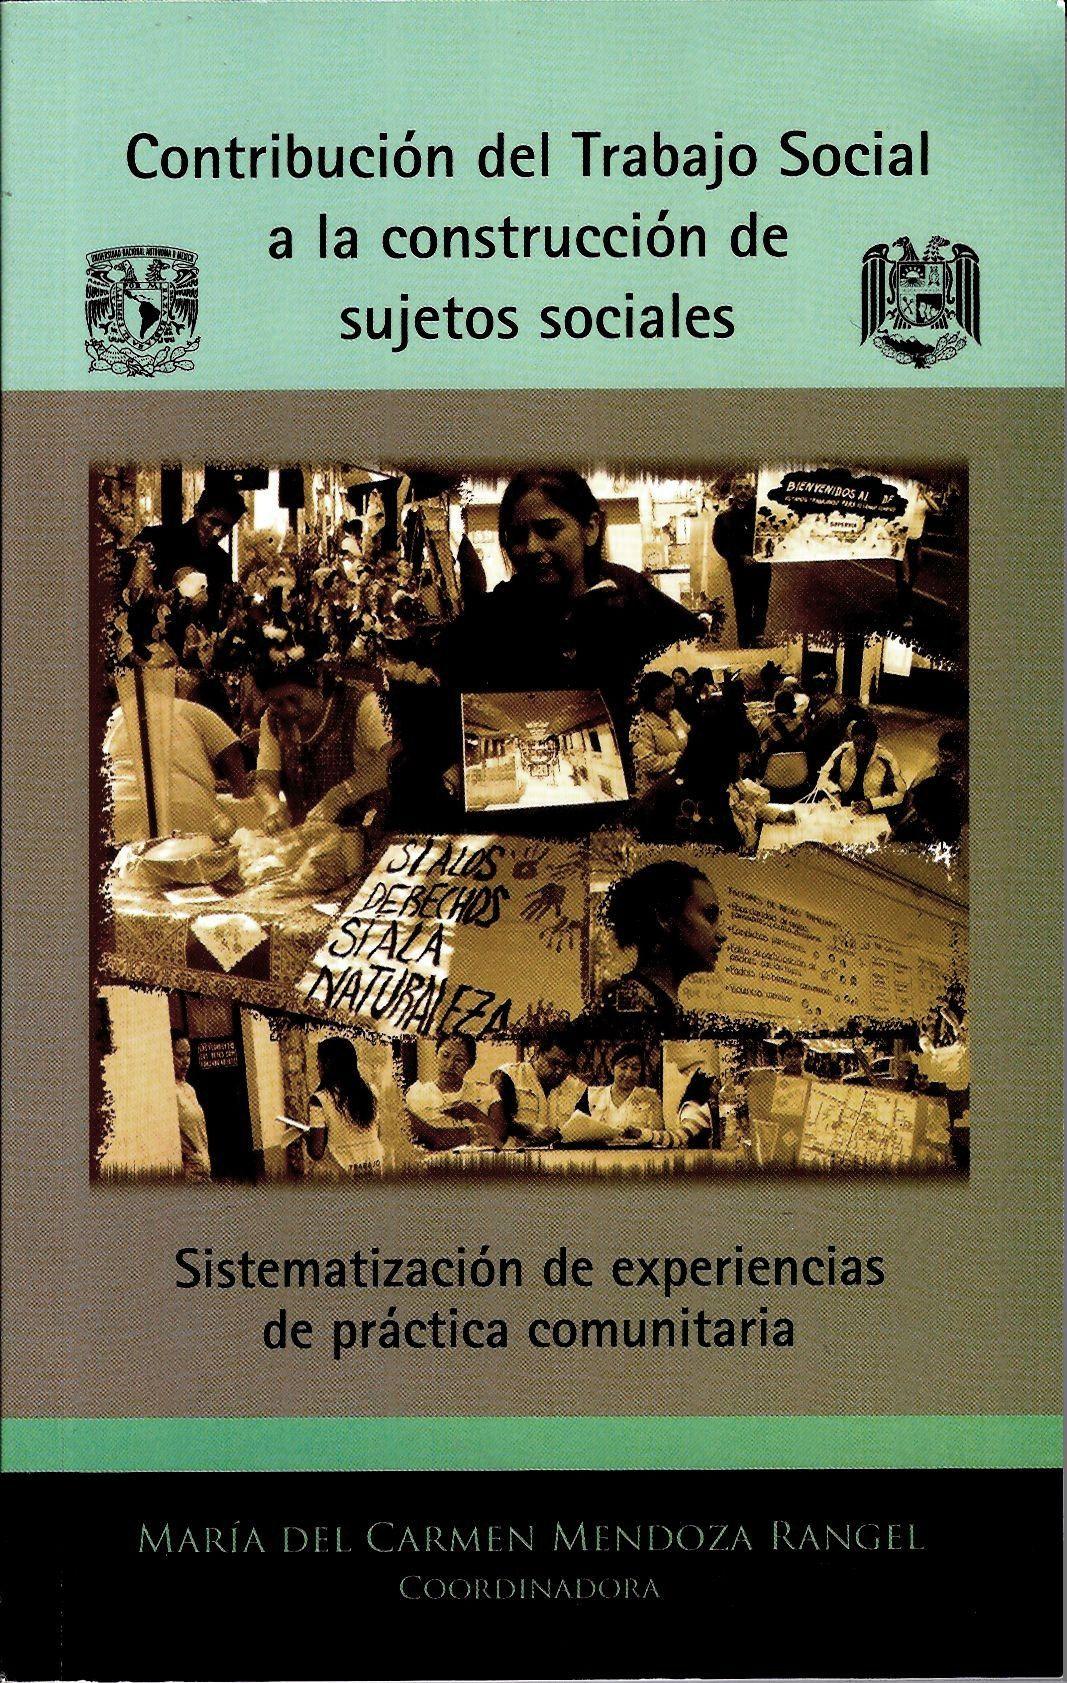 Contribución del Trabajo Social a la construcción de sujetos sociales Sistematización de experiencias de práctica comunitaria